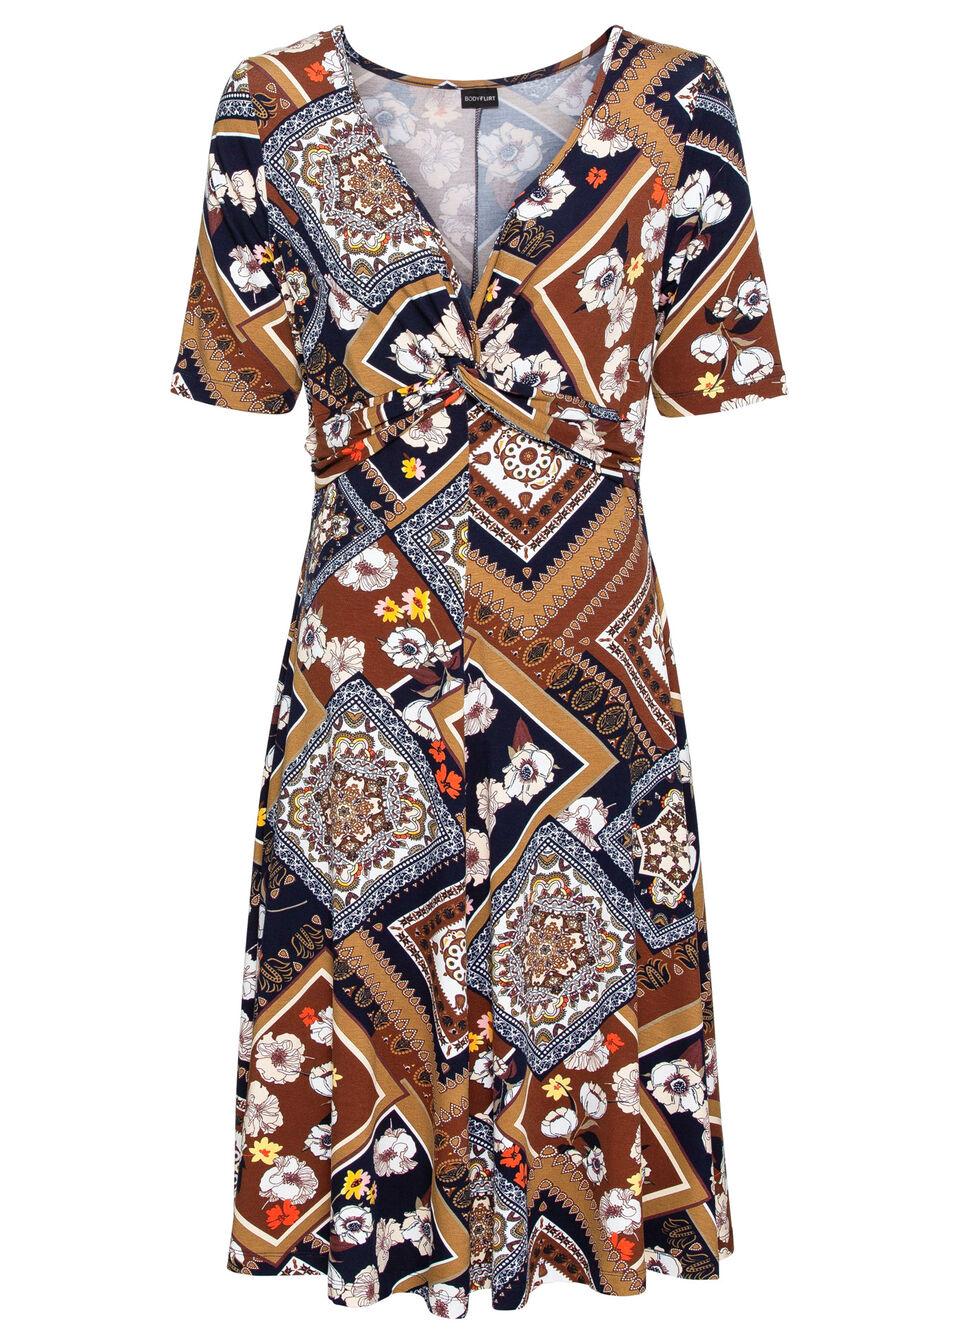 Купить Платья, Платье с принтом и драпировкой, трикотаж, bonprix, терракотовый с рисунком